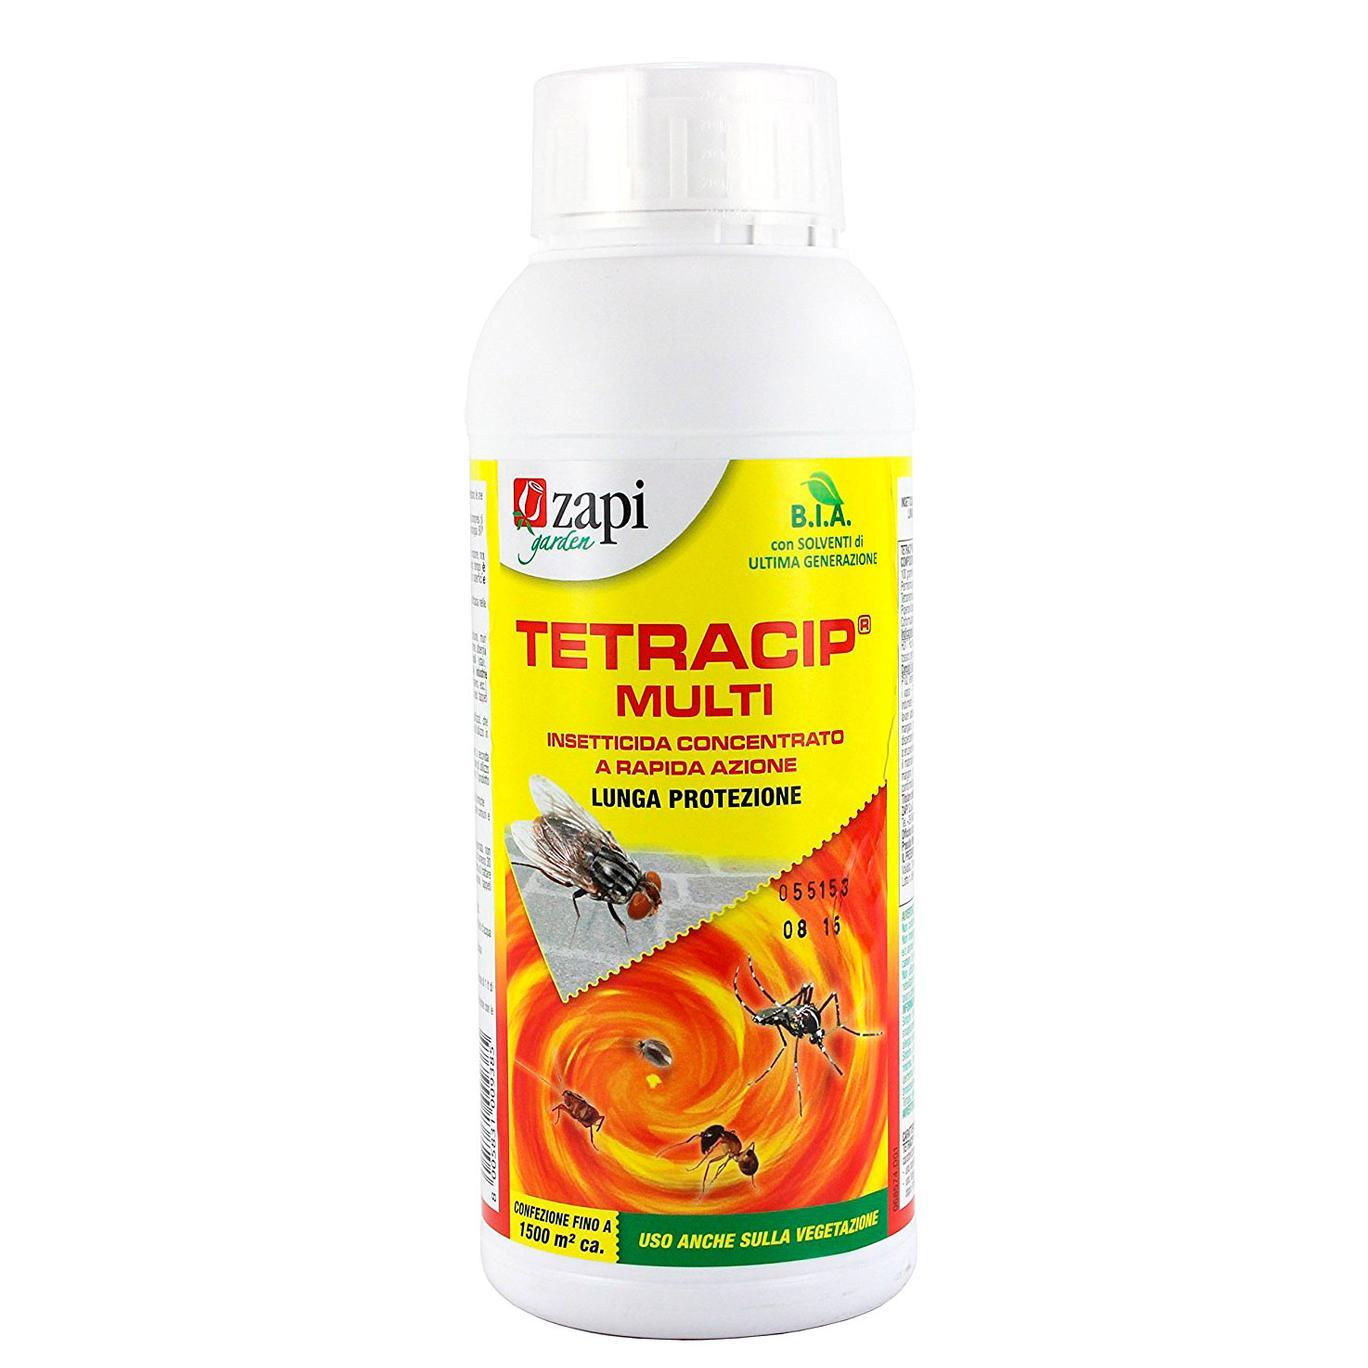 Tetracip Multi 1litro Insetticida MULTINSETTO concentrato a RAPIDA AZIONE